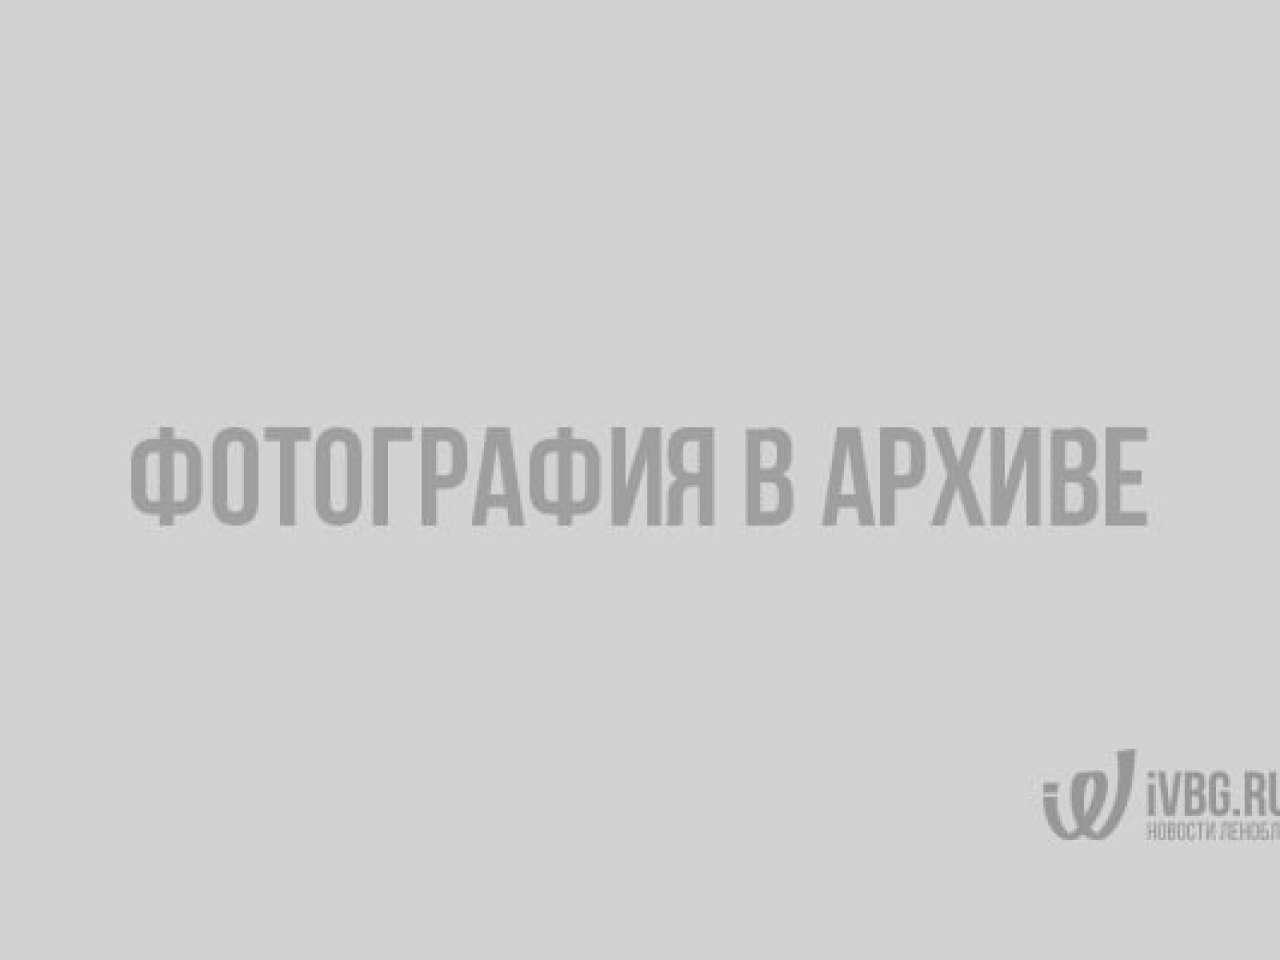 """""""Как дети видят мир?"""": Международный фестиваль искусств прошел в Петербурге — фото рисунки, Петербург, Мраморный зал, Международный фестиваль искусств, искусство, дети"""